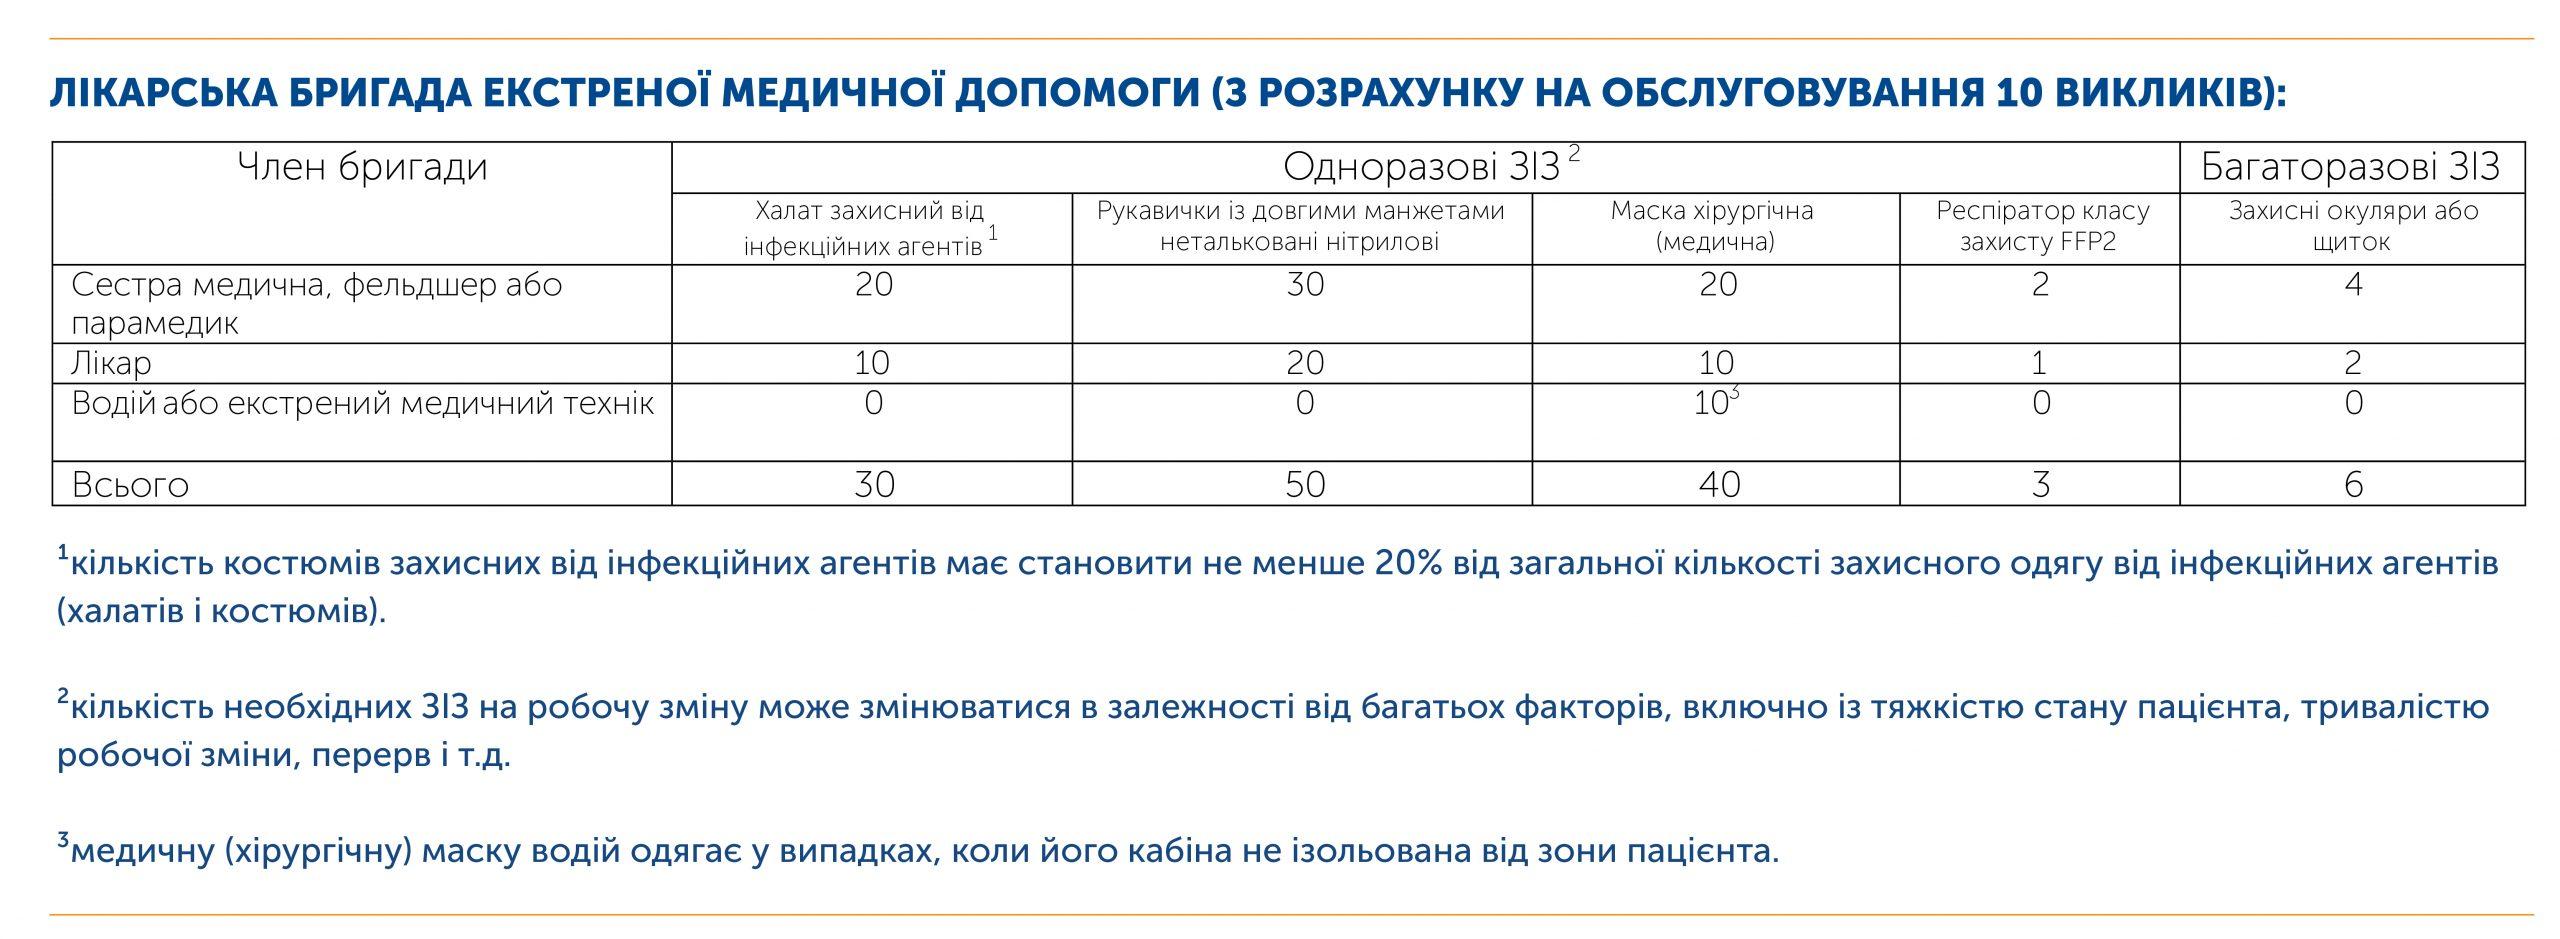 Розрахунок запасів ЗІЗ для бригади екстреної медичної допомоги